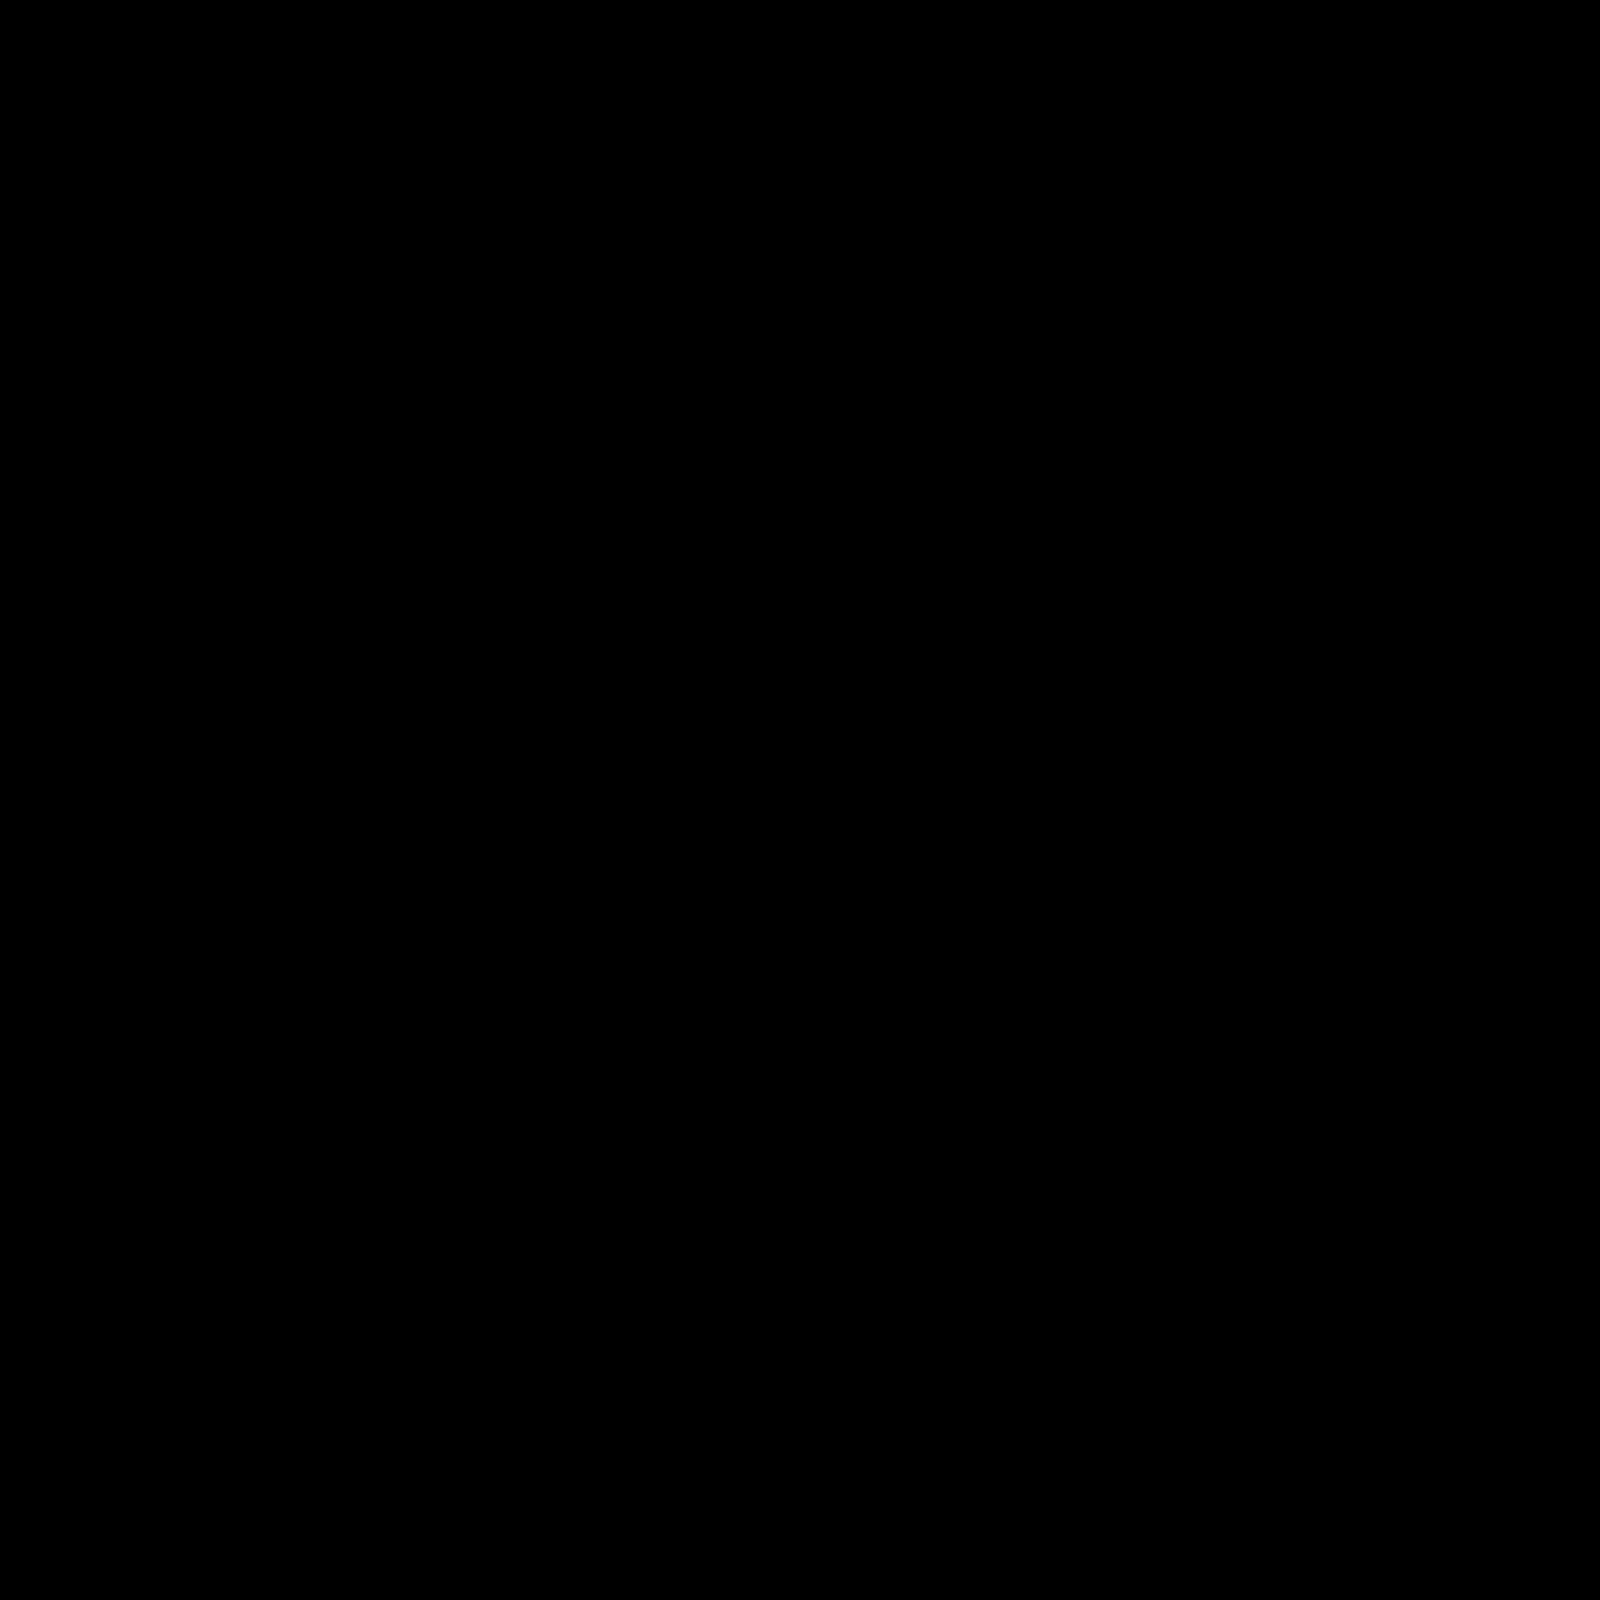 カメラを追加 icon